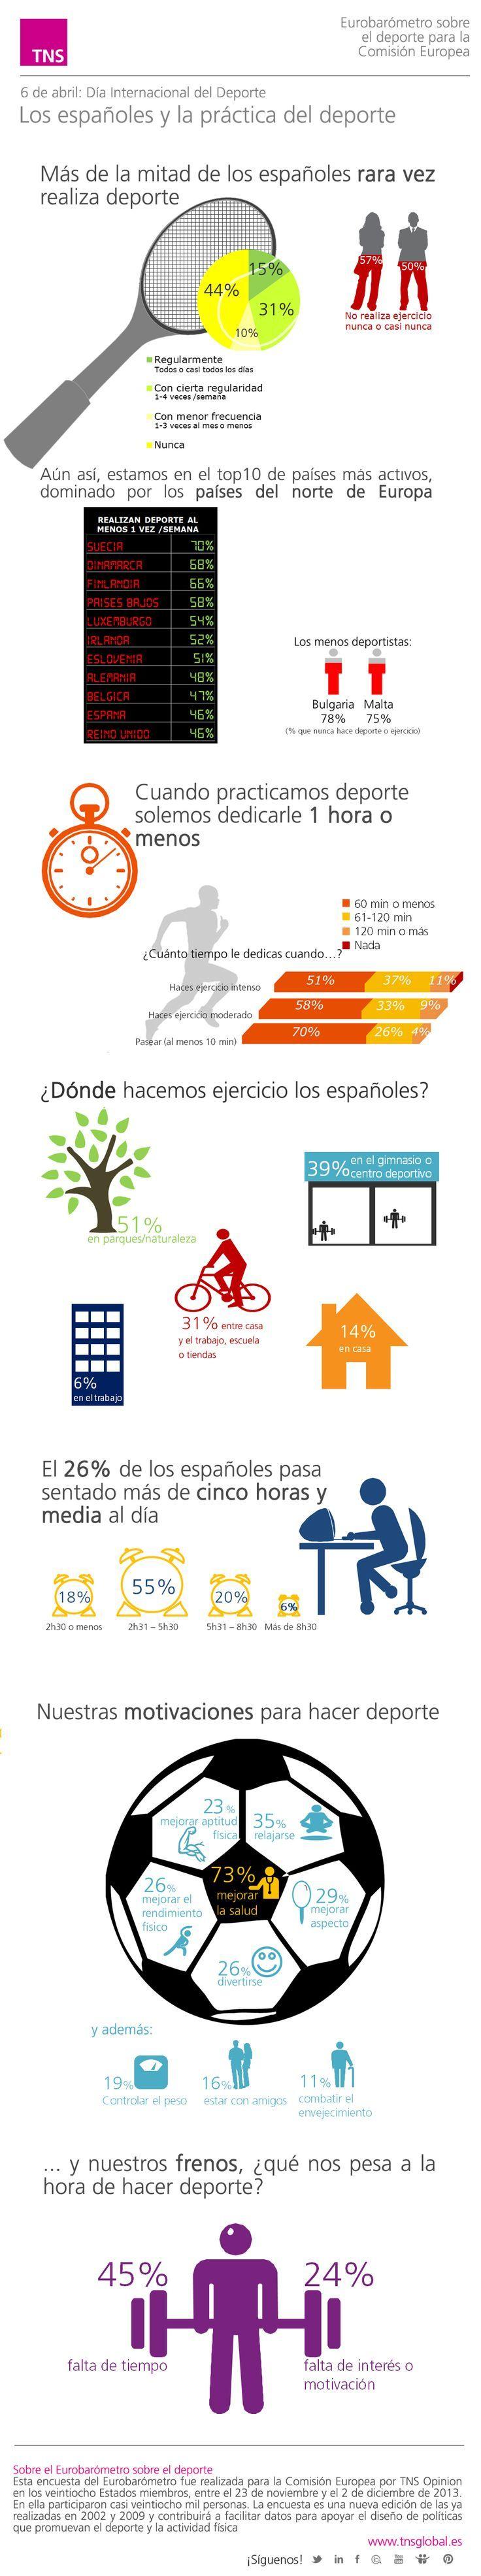 Hola: Una infografía sobre los españoles y la práctica del deporte. Un saludo